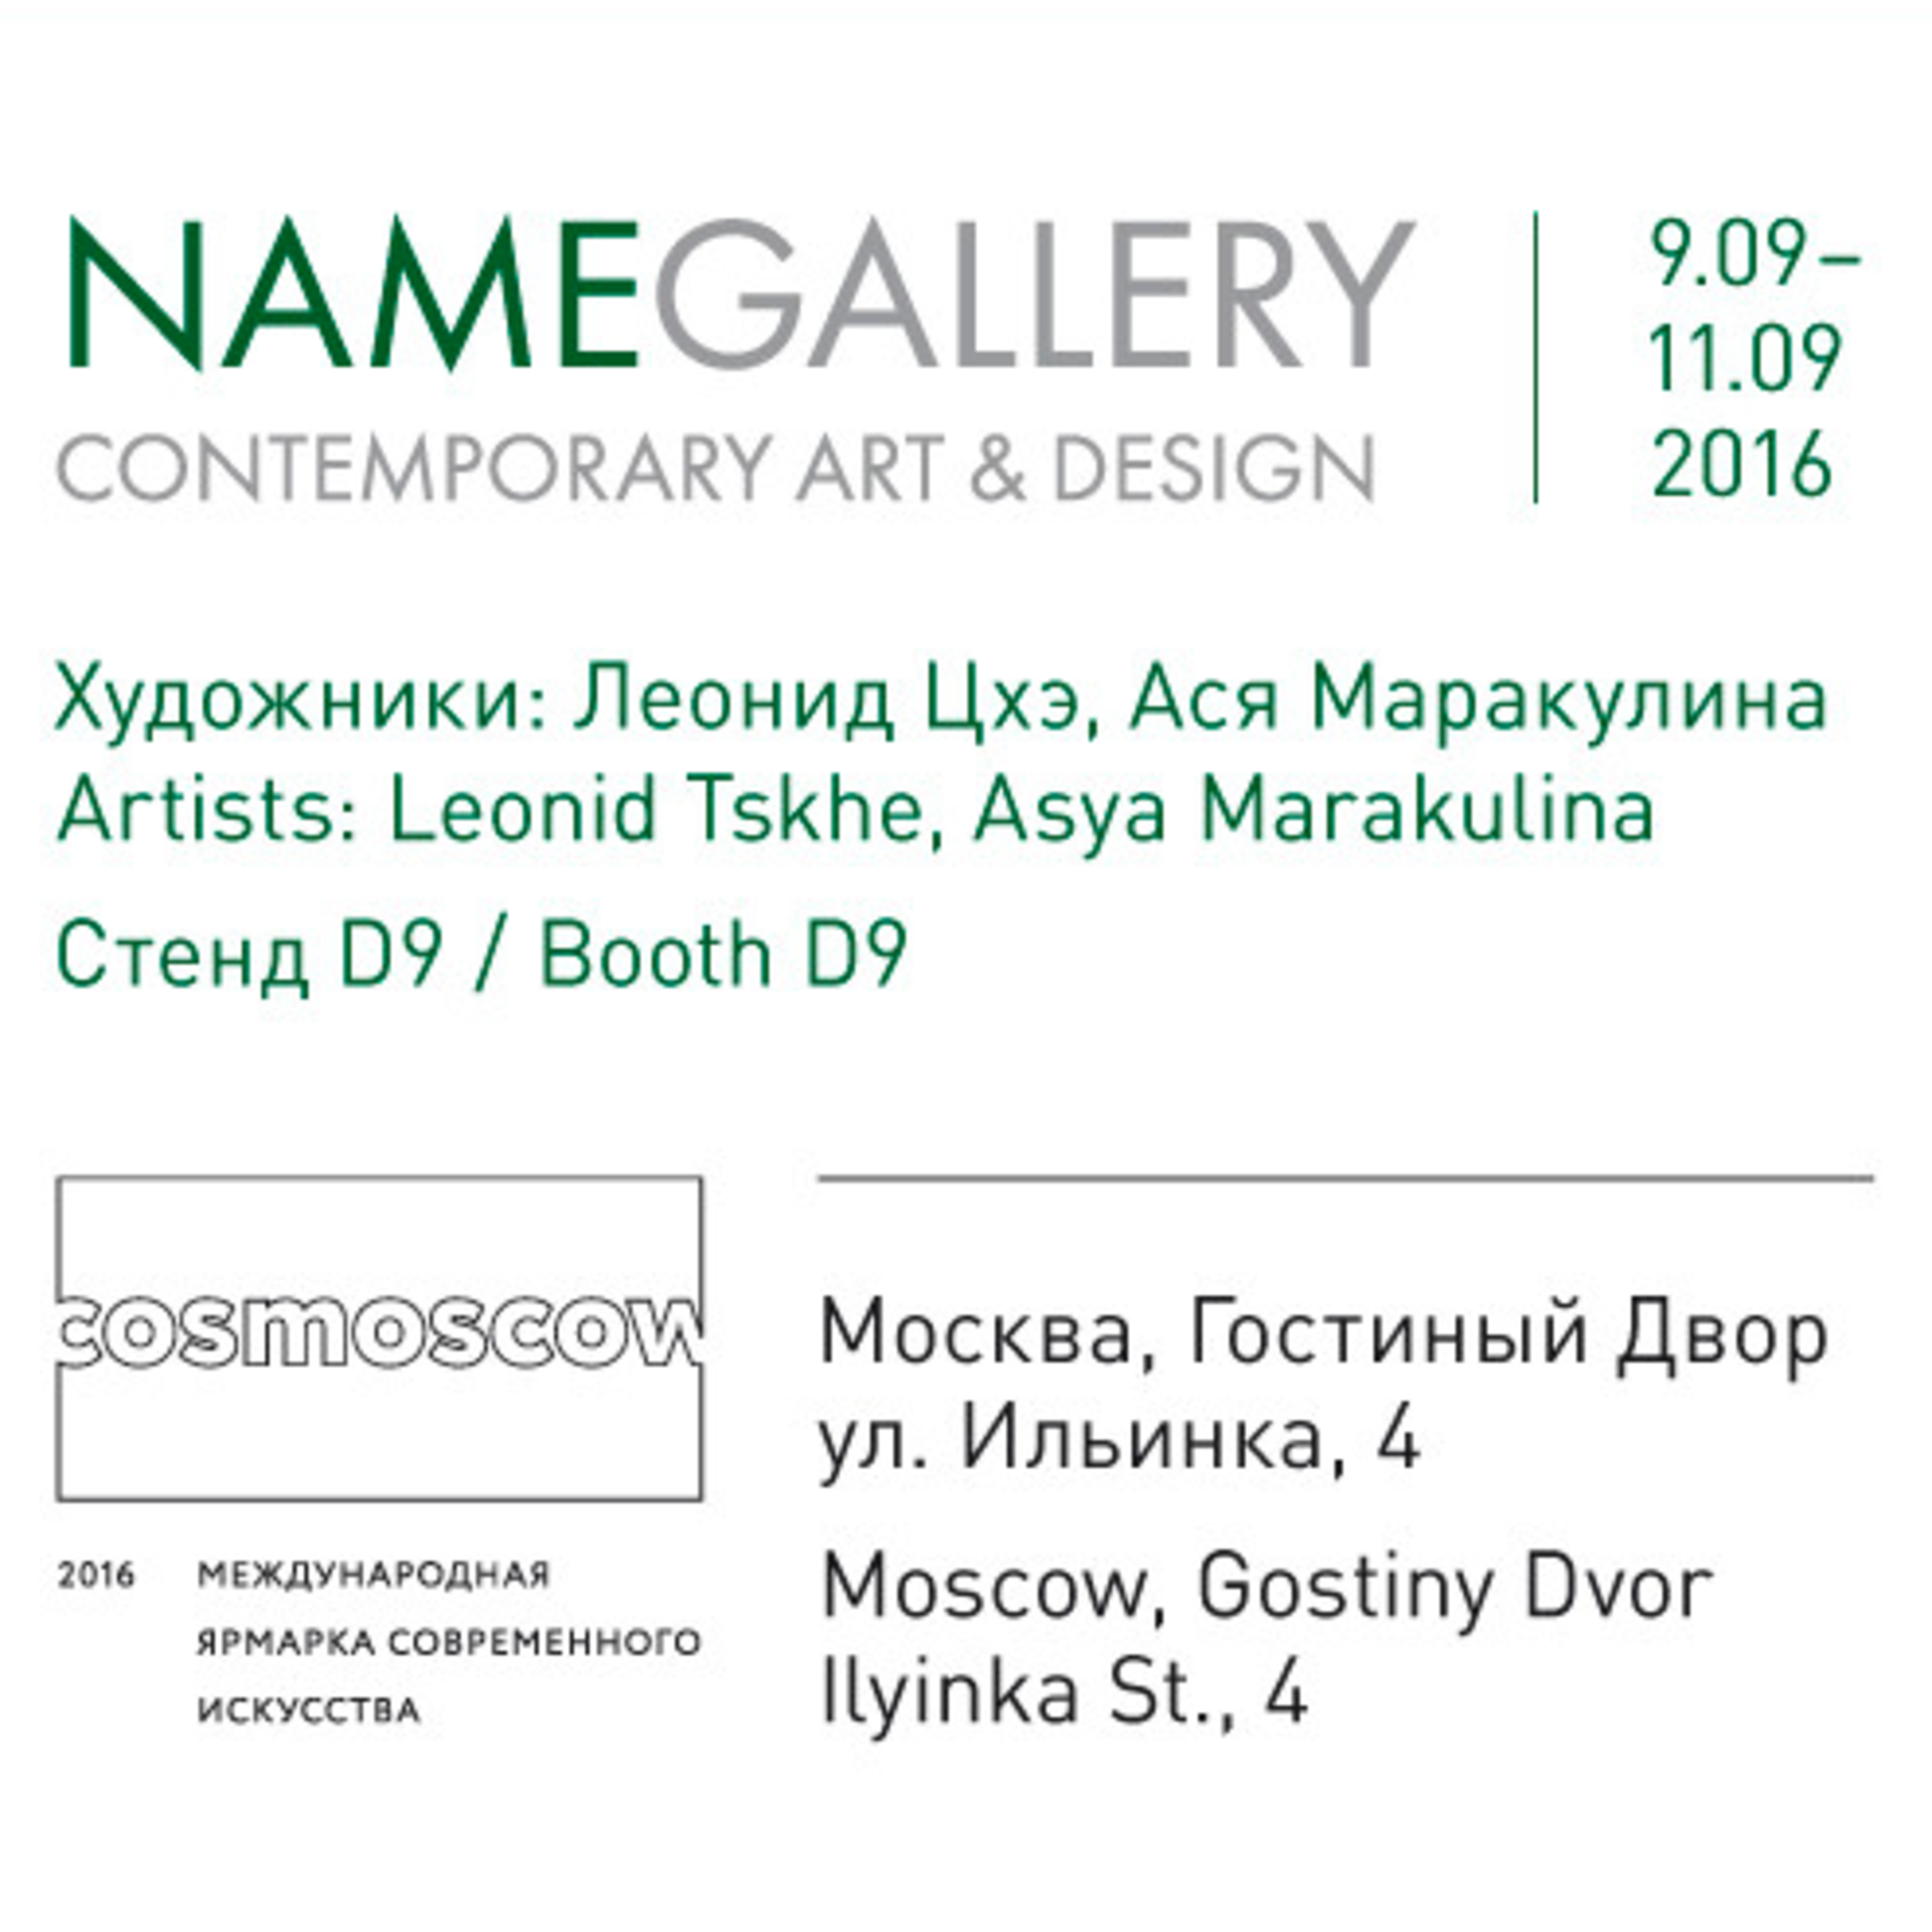 Галерея современного искусства NAMEGALLERY участвует в Cosmoscow 2016